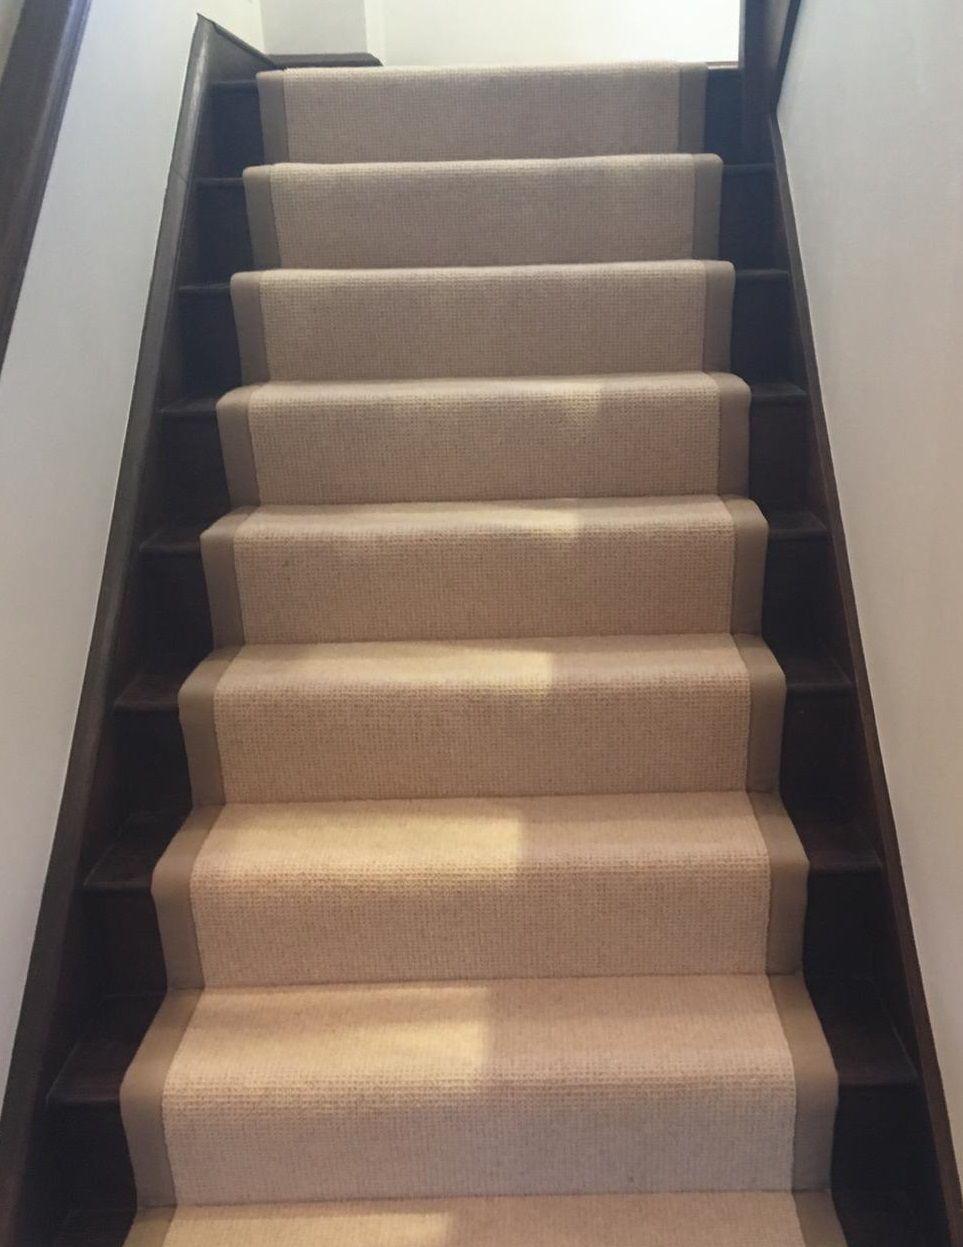 Best Cream Wool Loop Pile Carpet Fitted As Taped Stair Runner 400 x 300